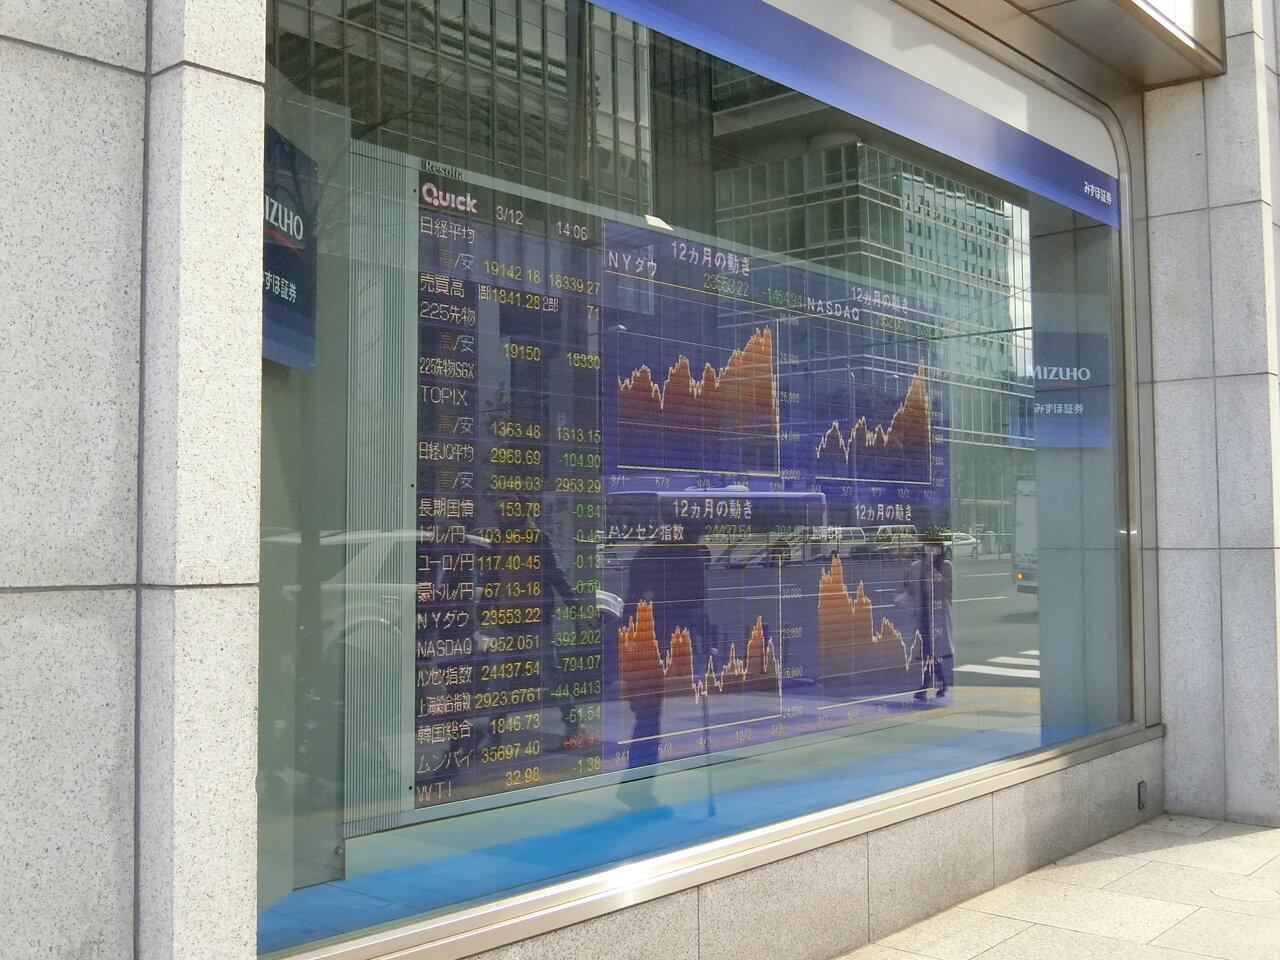 コロナ禍のJ-REIT市場 投資好機も慎重さ増す 増資余力ない銘柄に黄信号